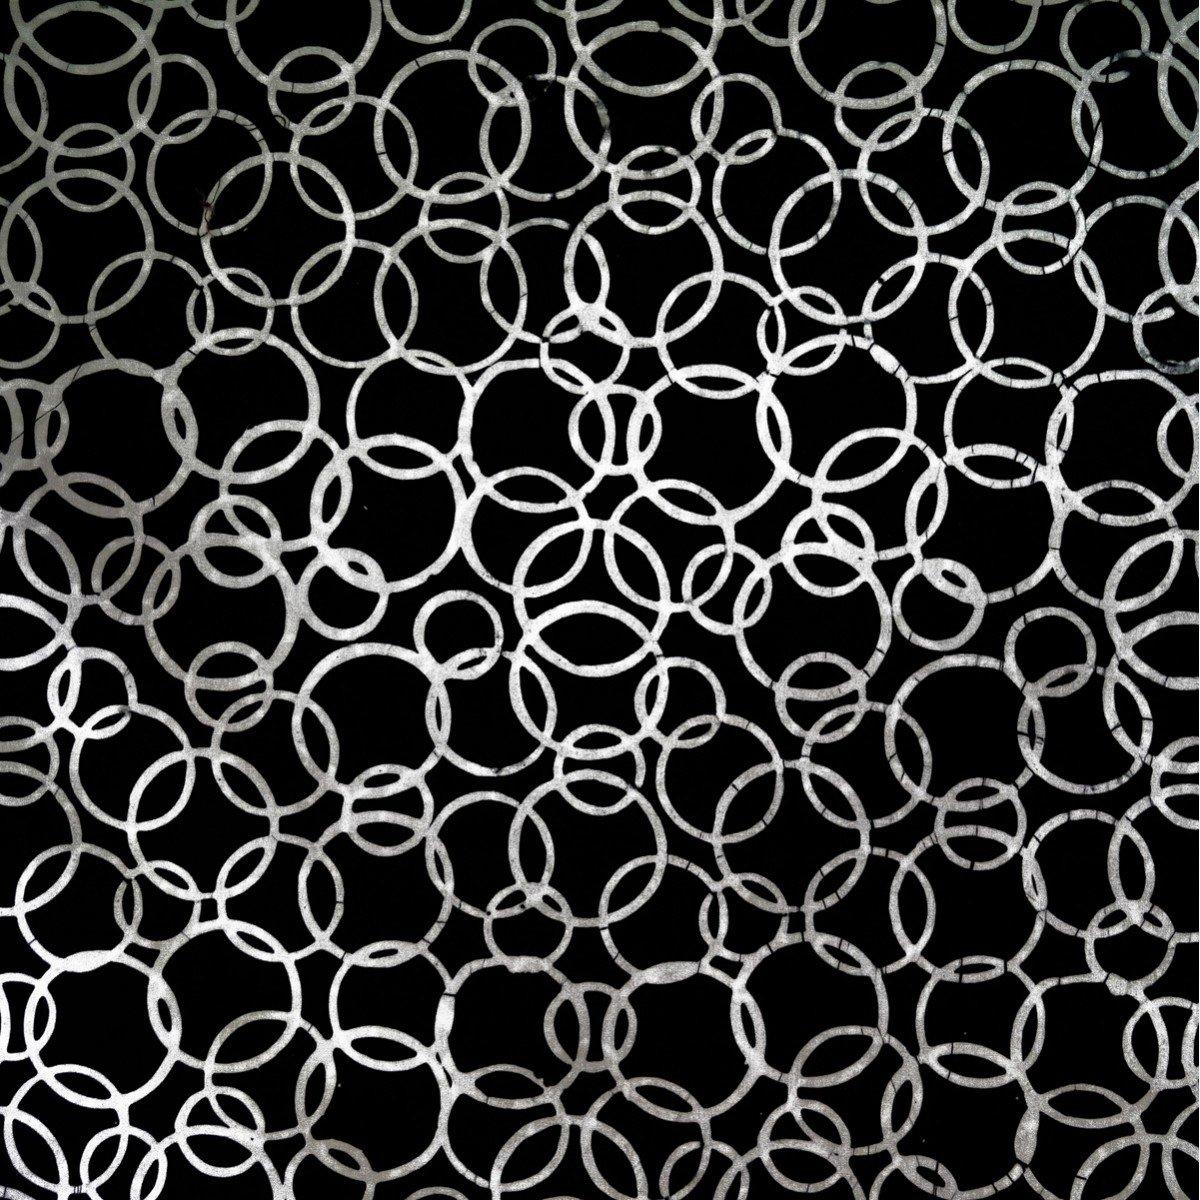 Batik by Mirah - Night Cruise - Black & White